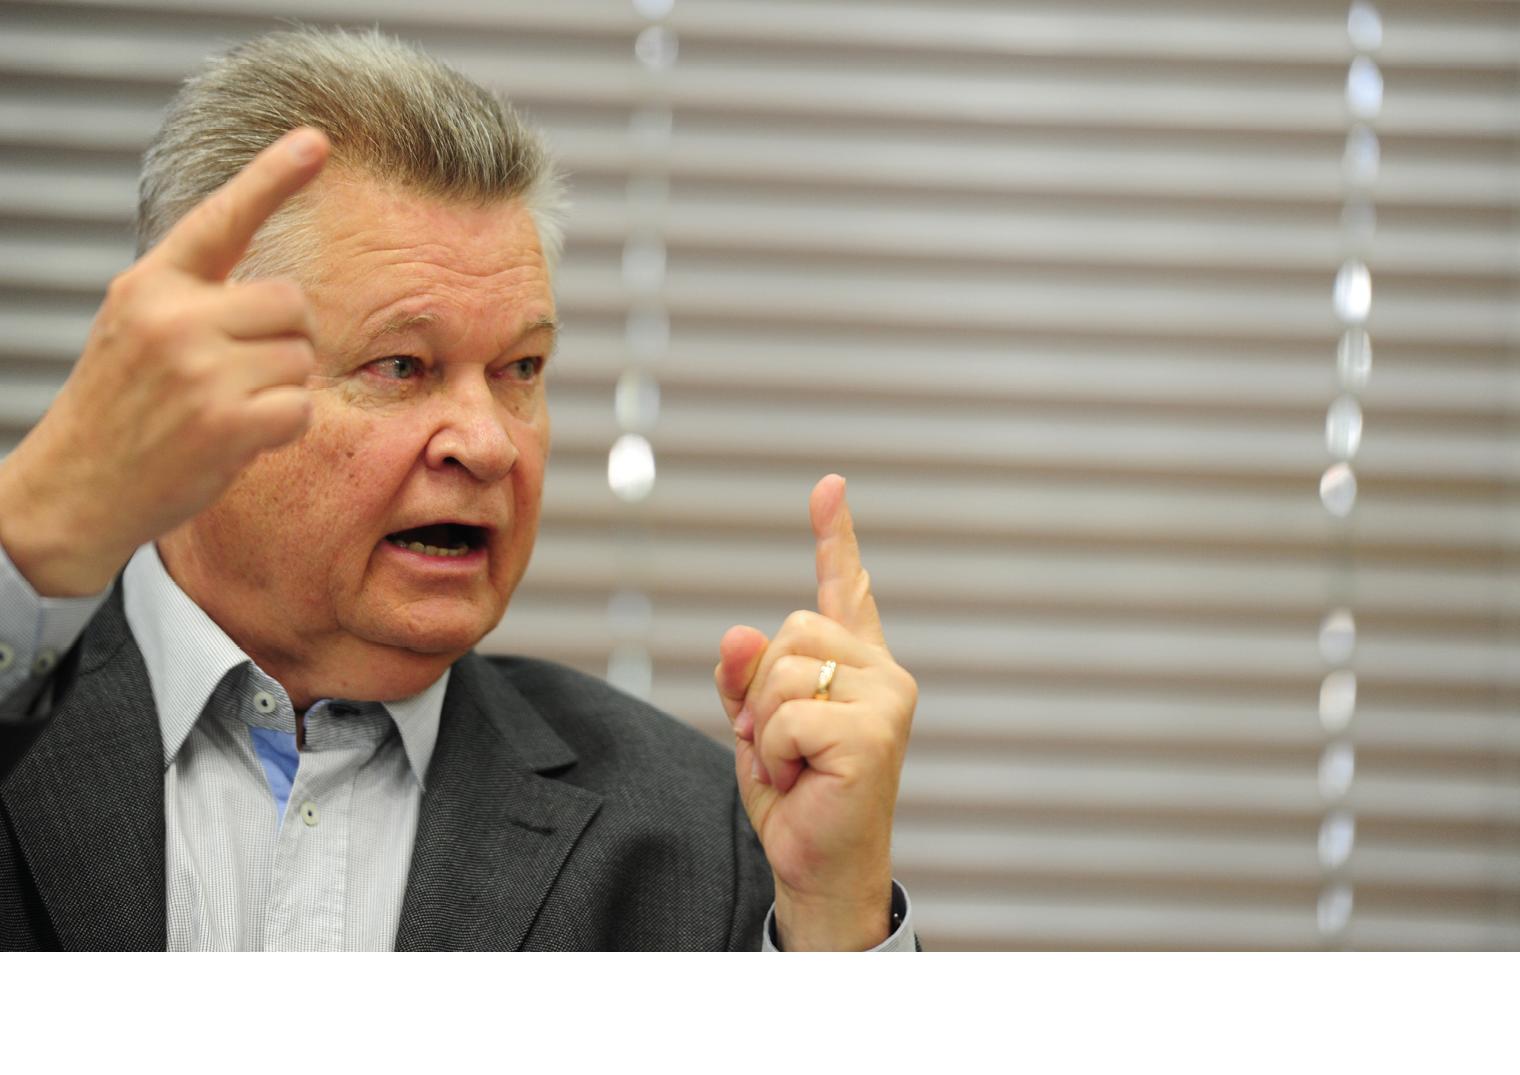 Médicos Residentes – Udo Döhler volta atrás após forte pressão popular e de entidades